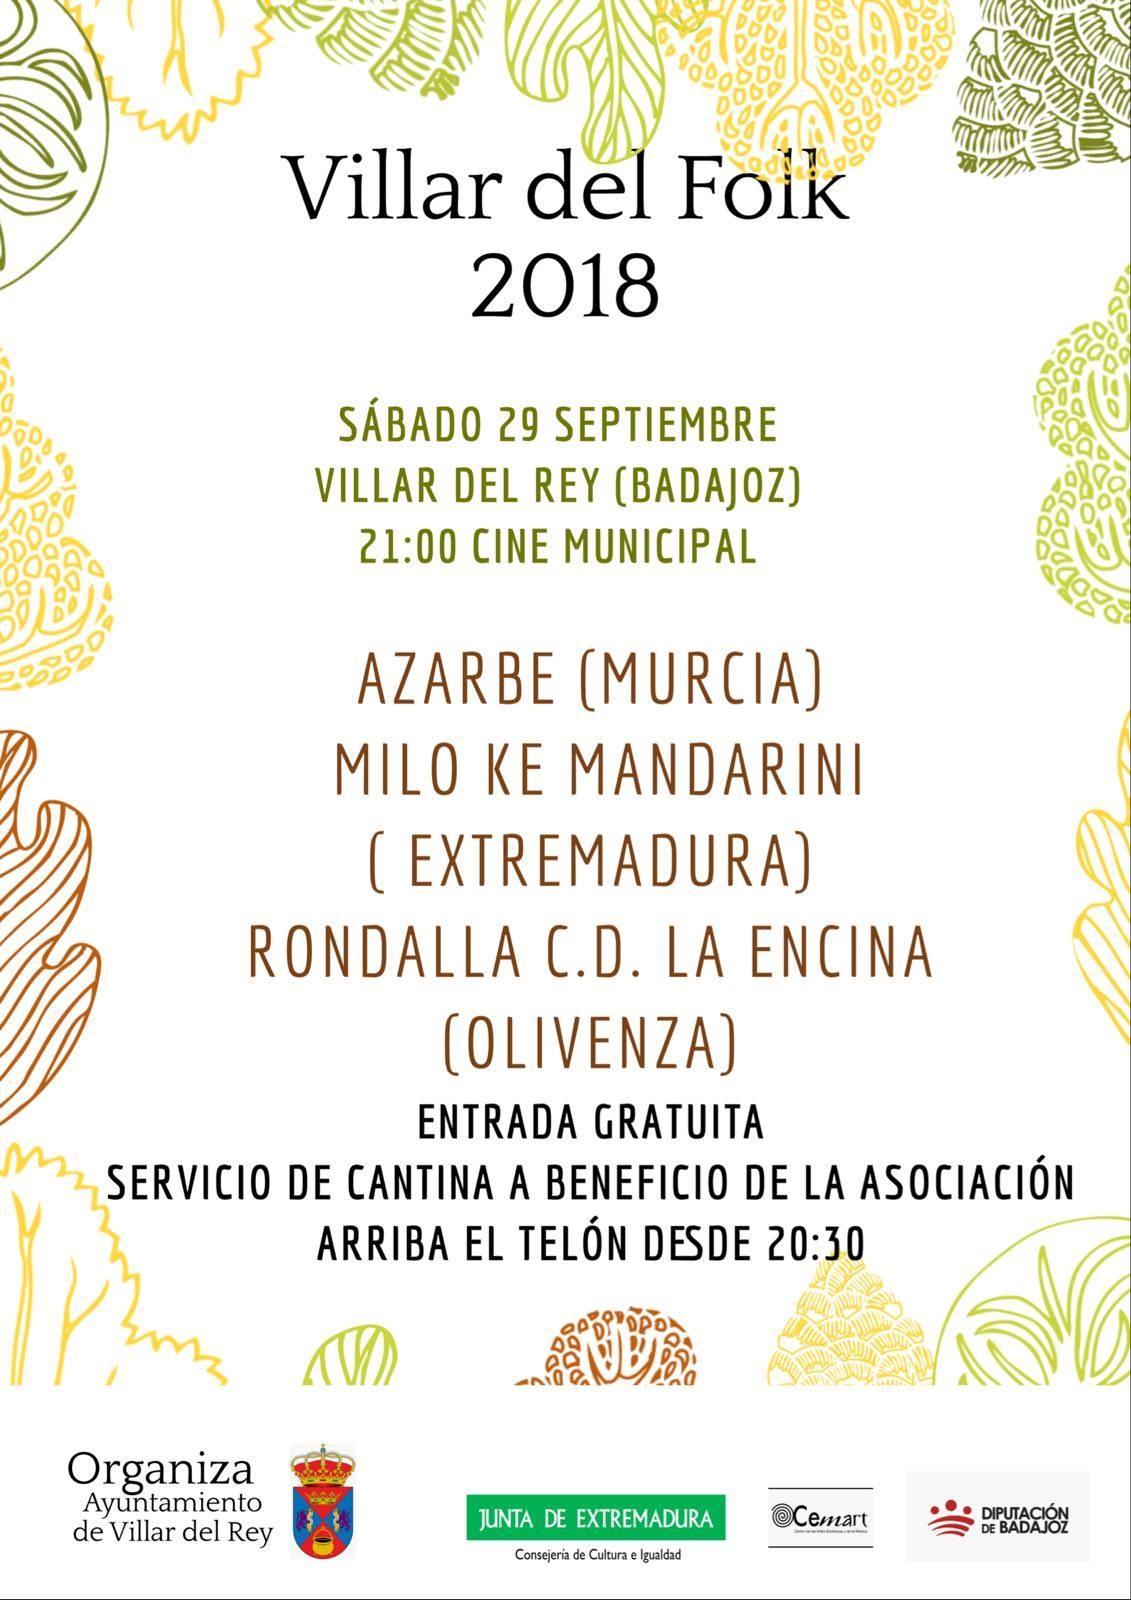 Villaar del Folk 2018